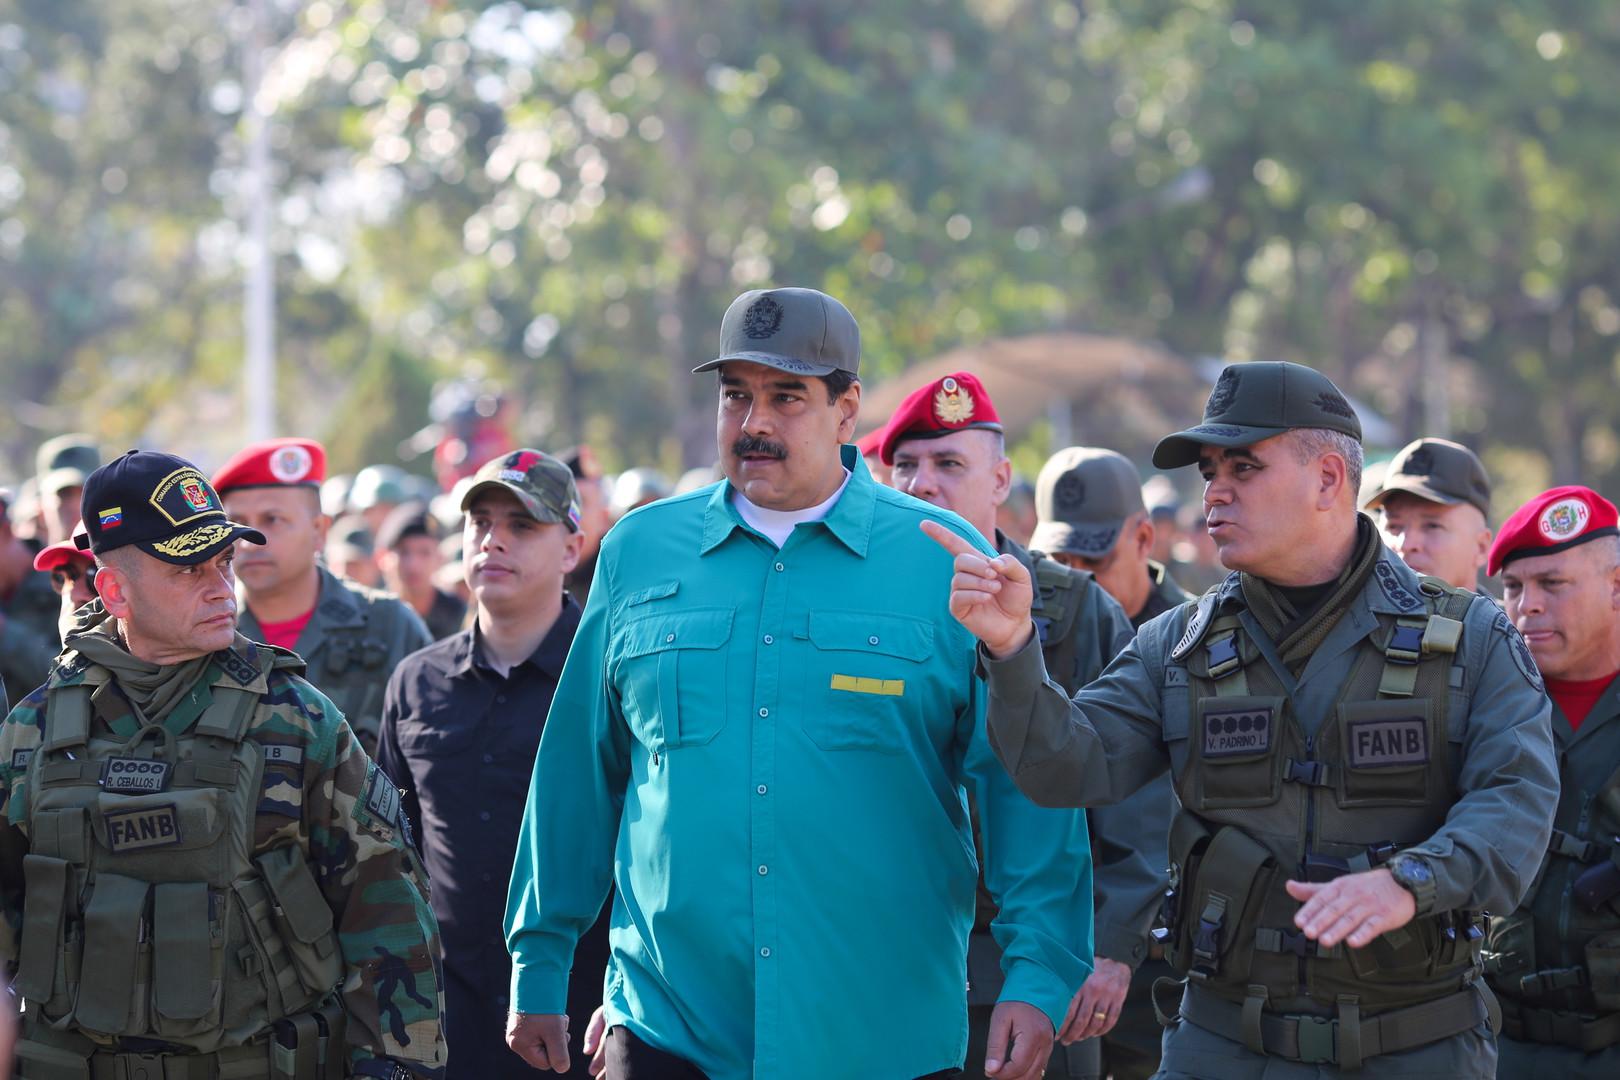 Fake-News für den Regime-Change: CNN lässt angebliche venezolanische Deserteure sprechen